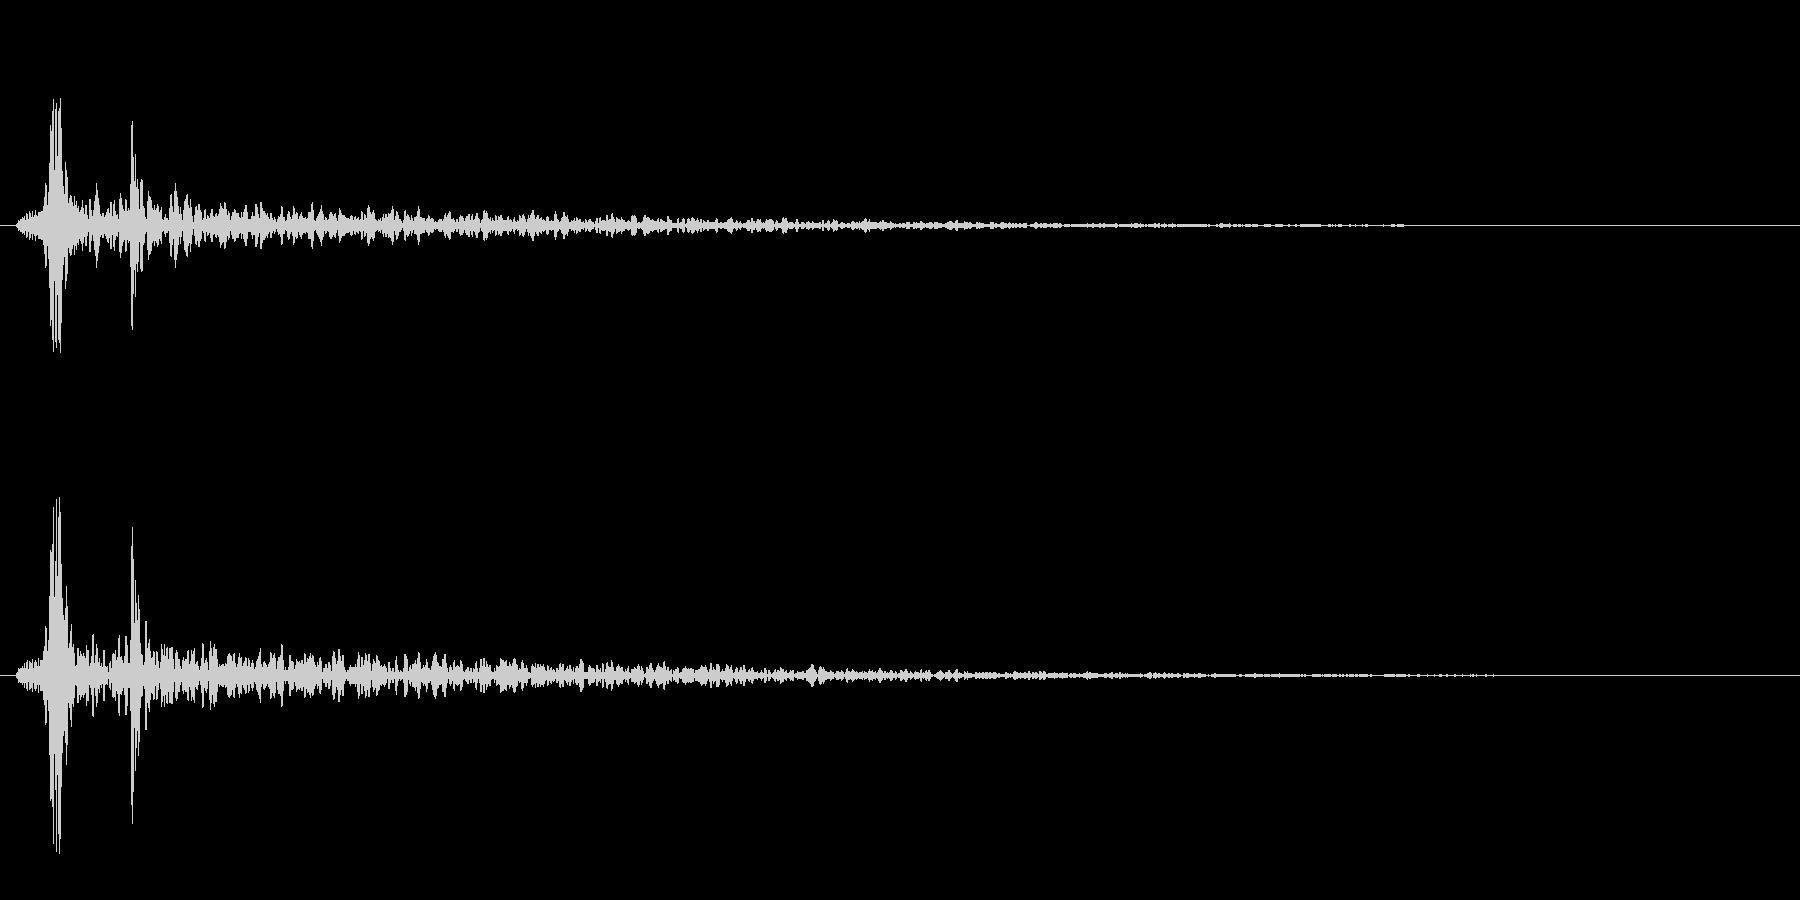 巨大モンスターの心臓音の未再生の波形